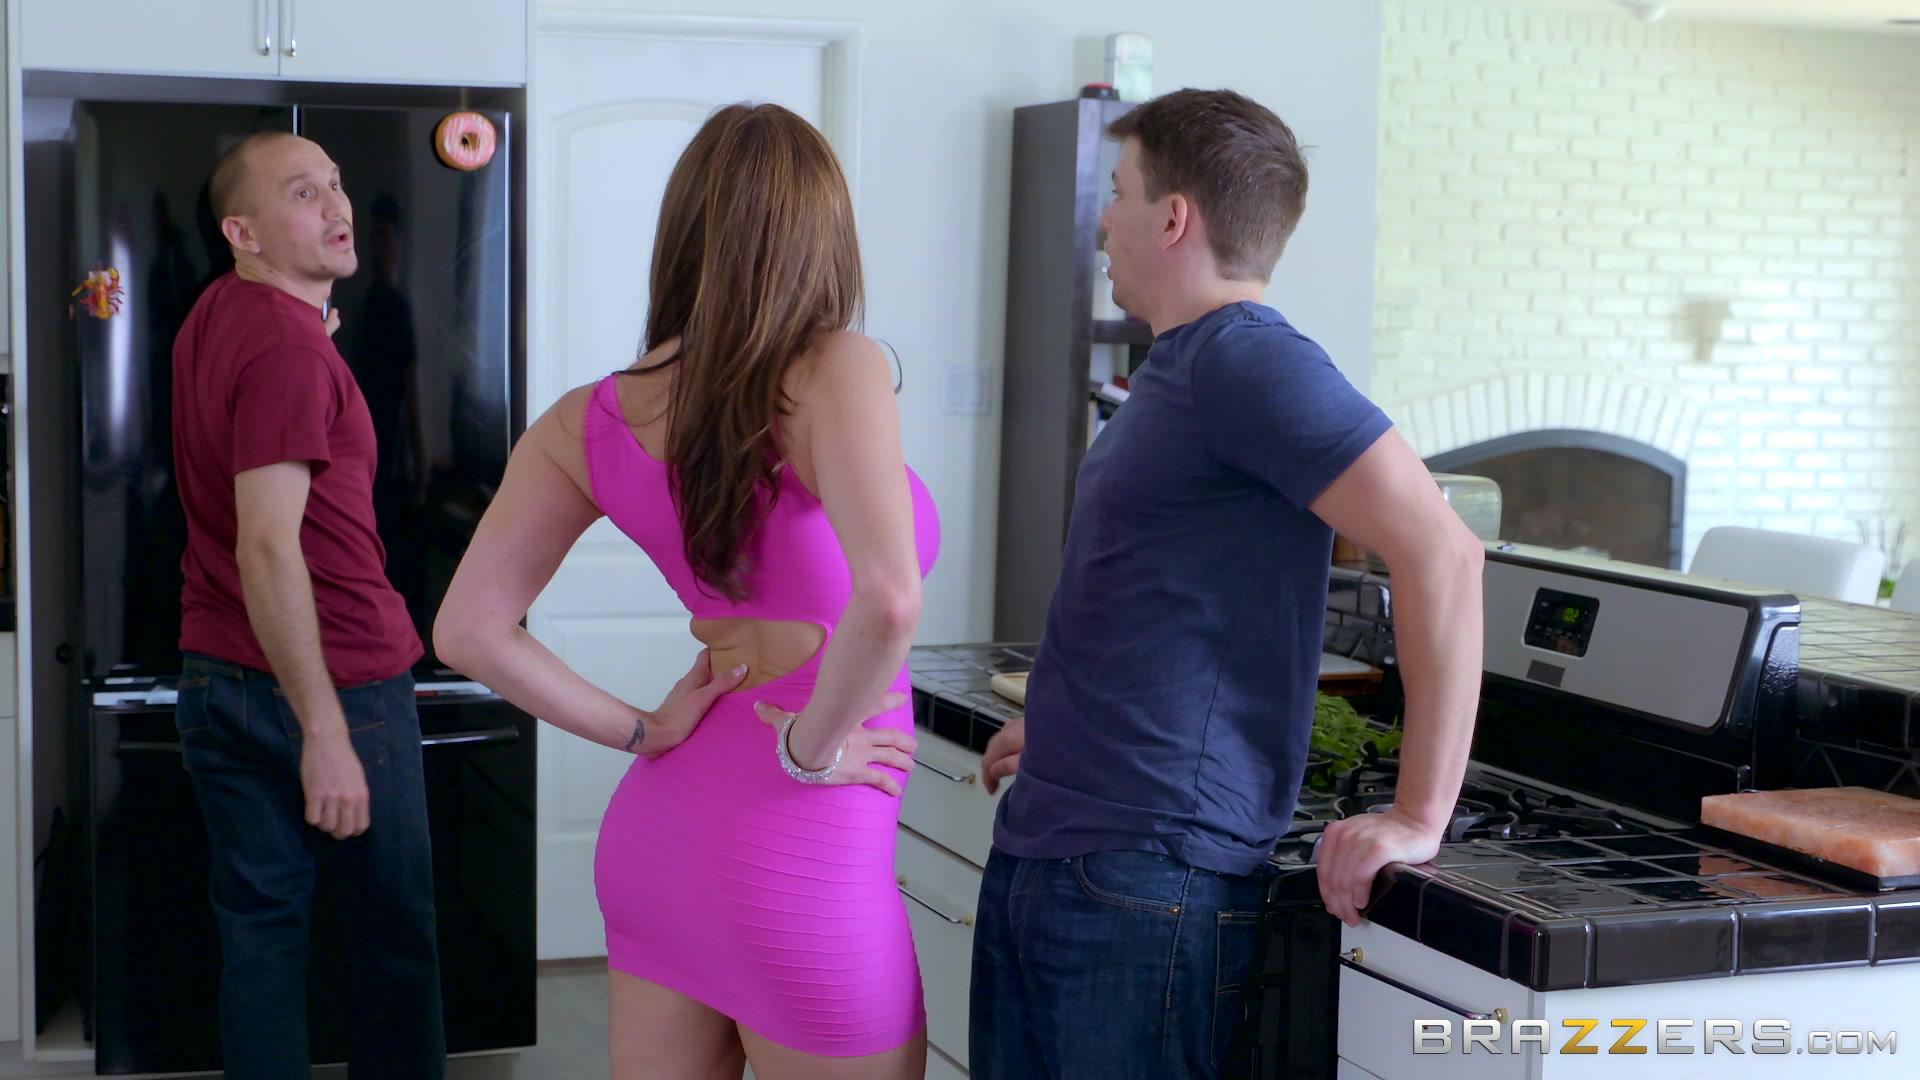 Порно изменила на кухне онлайн смотреть онлайн в hd 720 качестве  фотоография